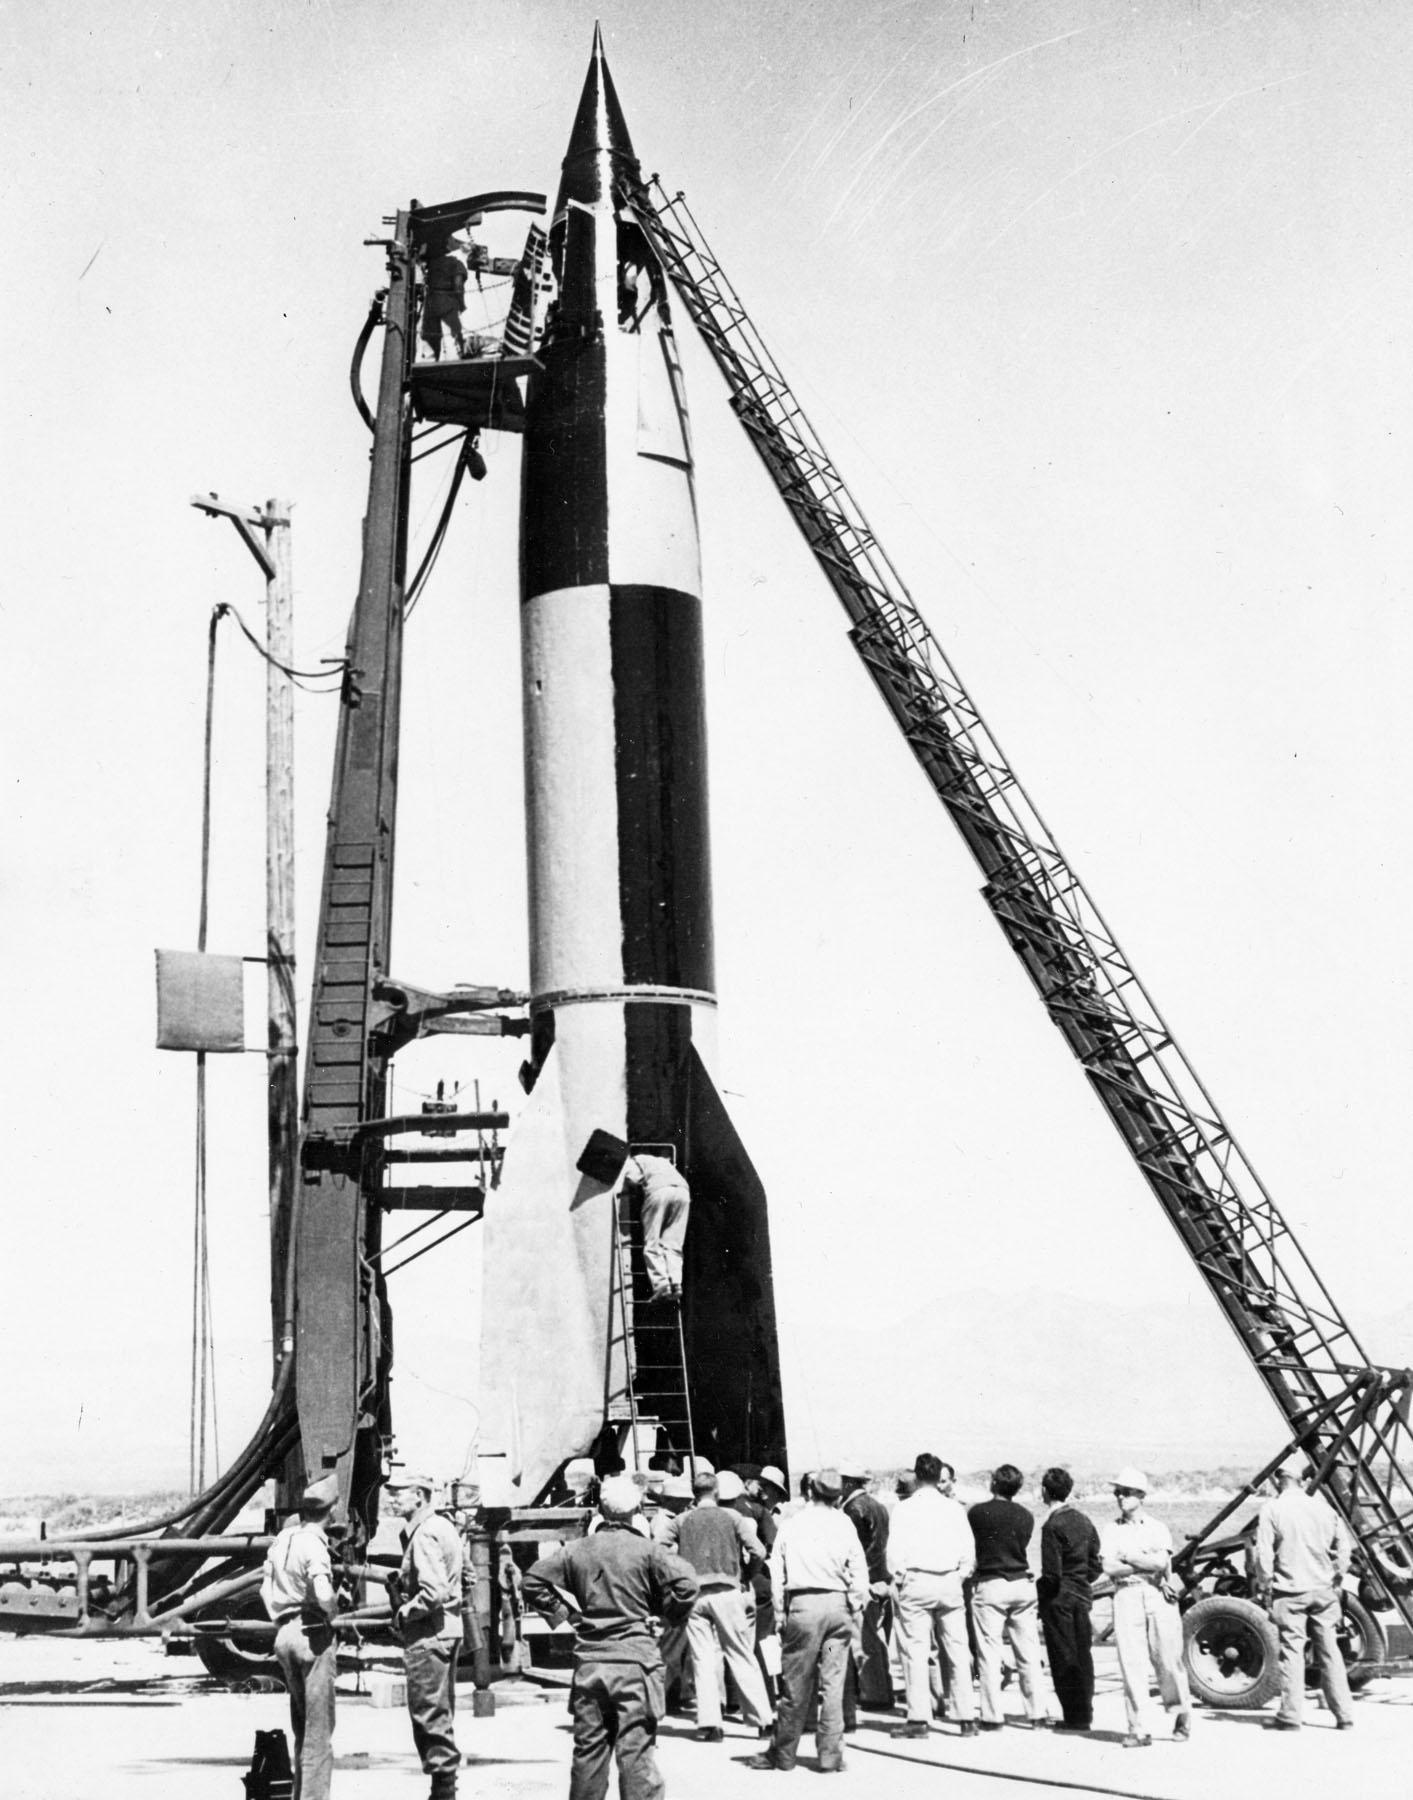 1946. Zsákmányolt német V2 rakéta tesztje az Államokban..jpg